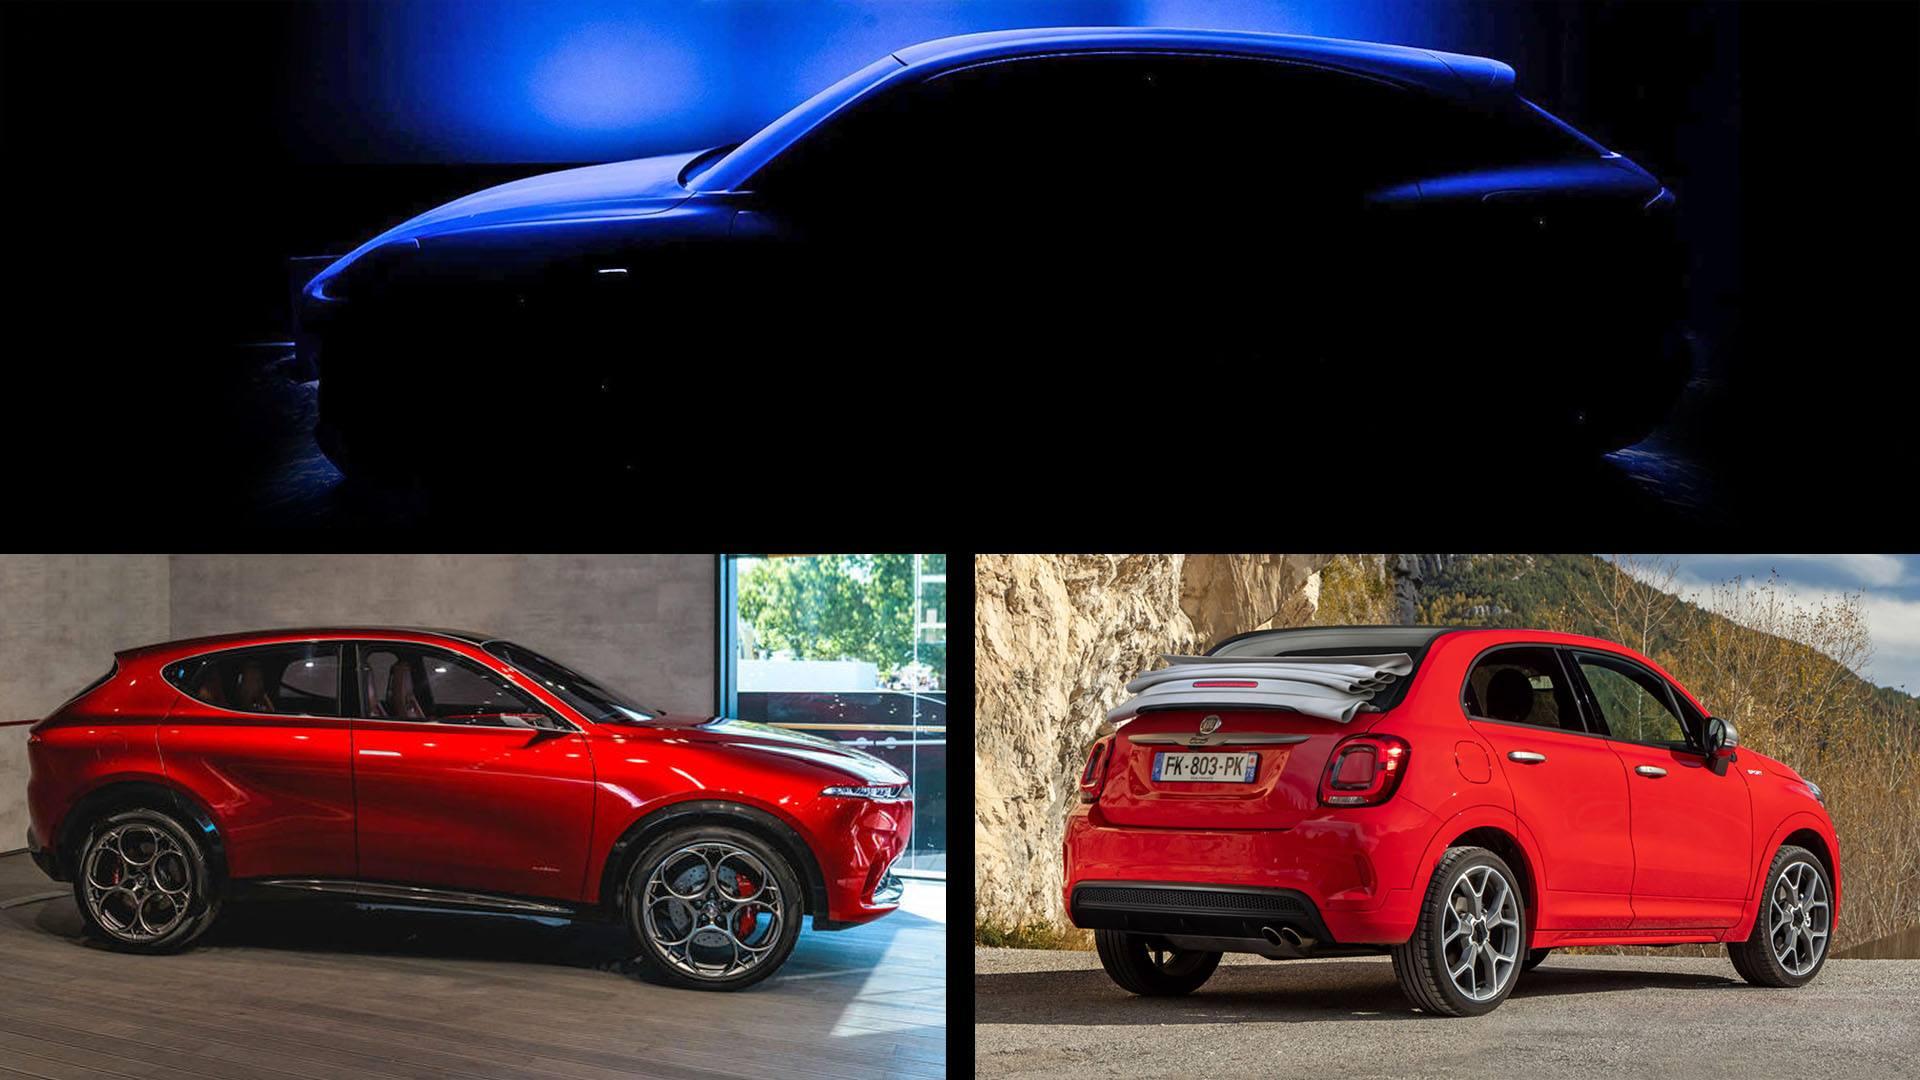 Τρία νέα SUV από την FCA για εφέτος [pics]